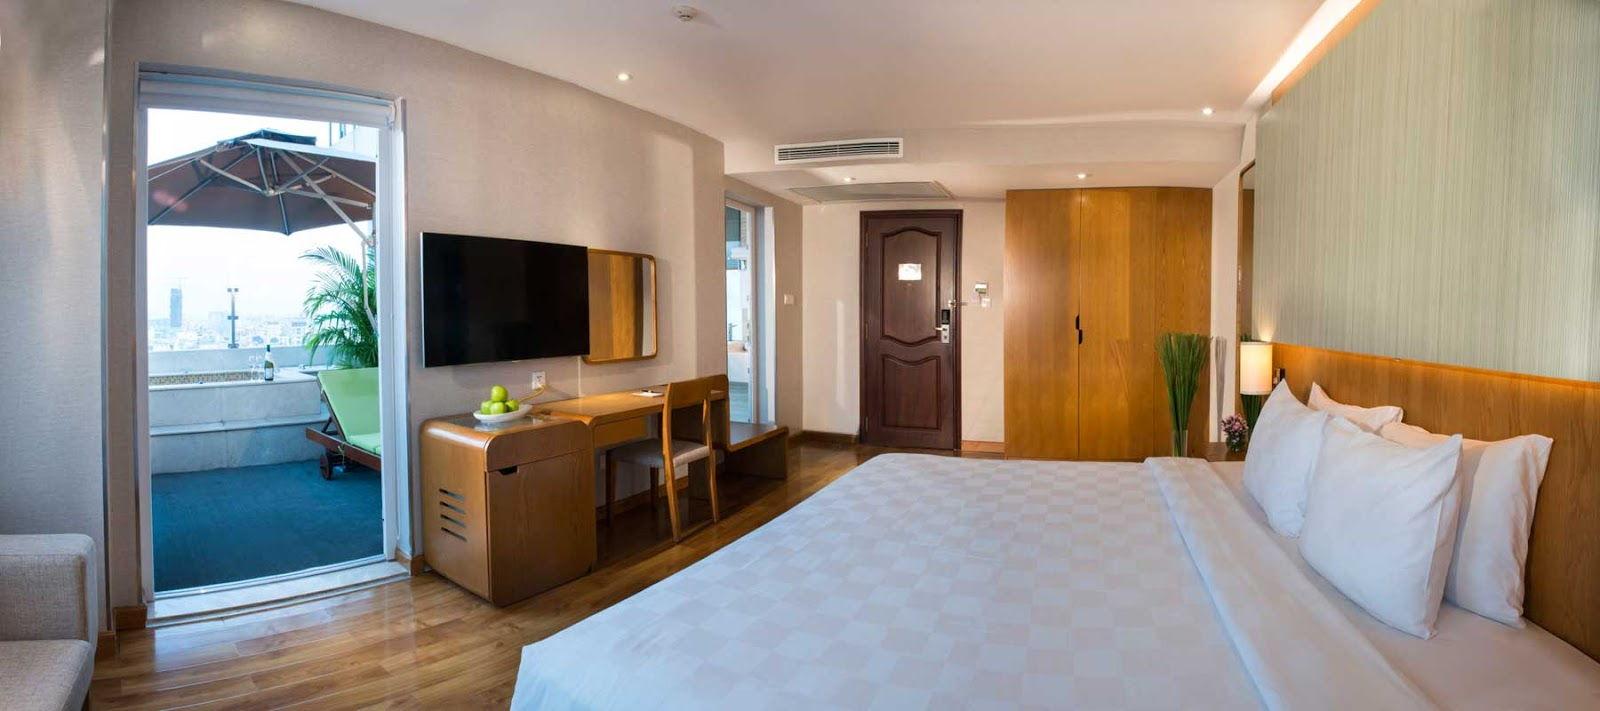 Top 5 Khách Sạn 4 Sao Sang Chảnh Tại TP HCM 7